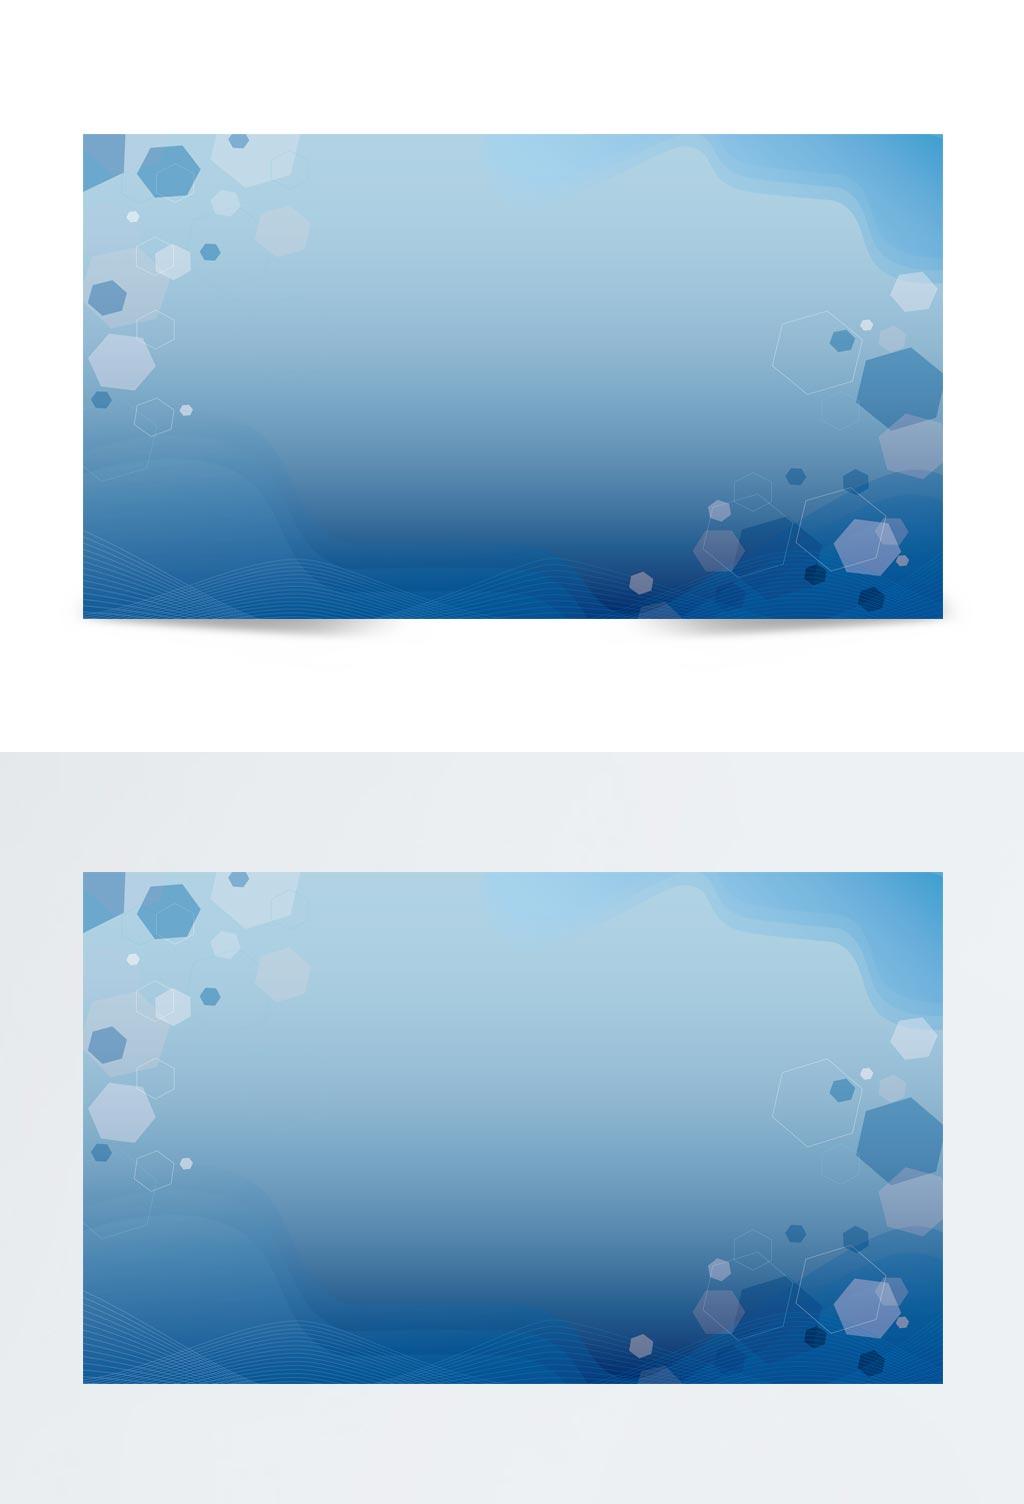 蓝色商务风商业科技通用背景